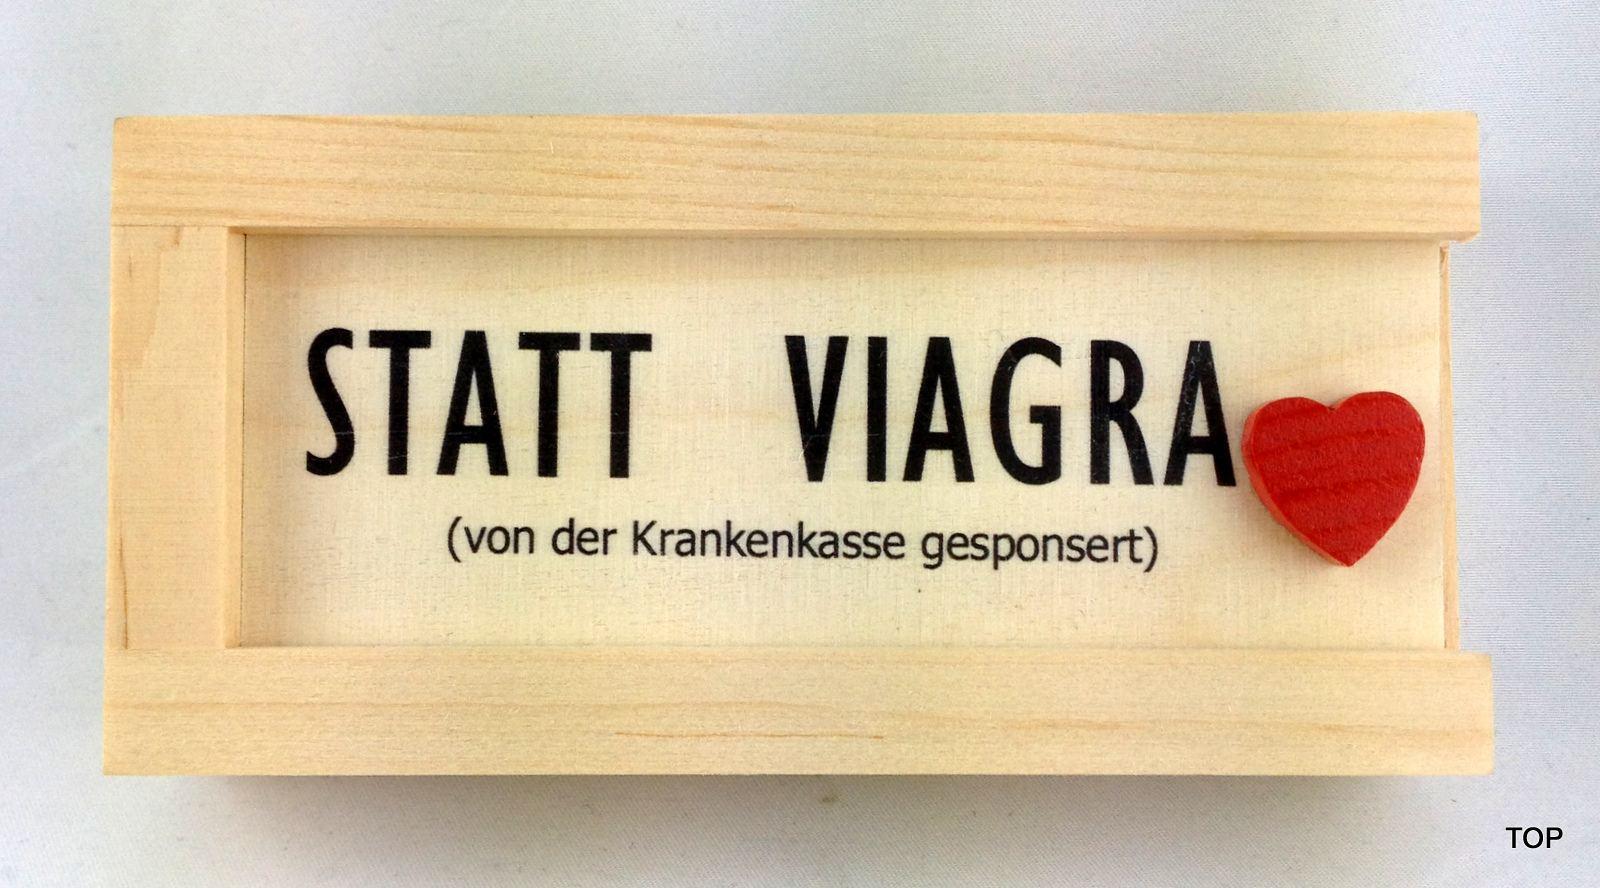 Holzkiste Statt Viagra Uberraschung Zum Geburtstag Weihnachten